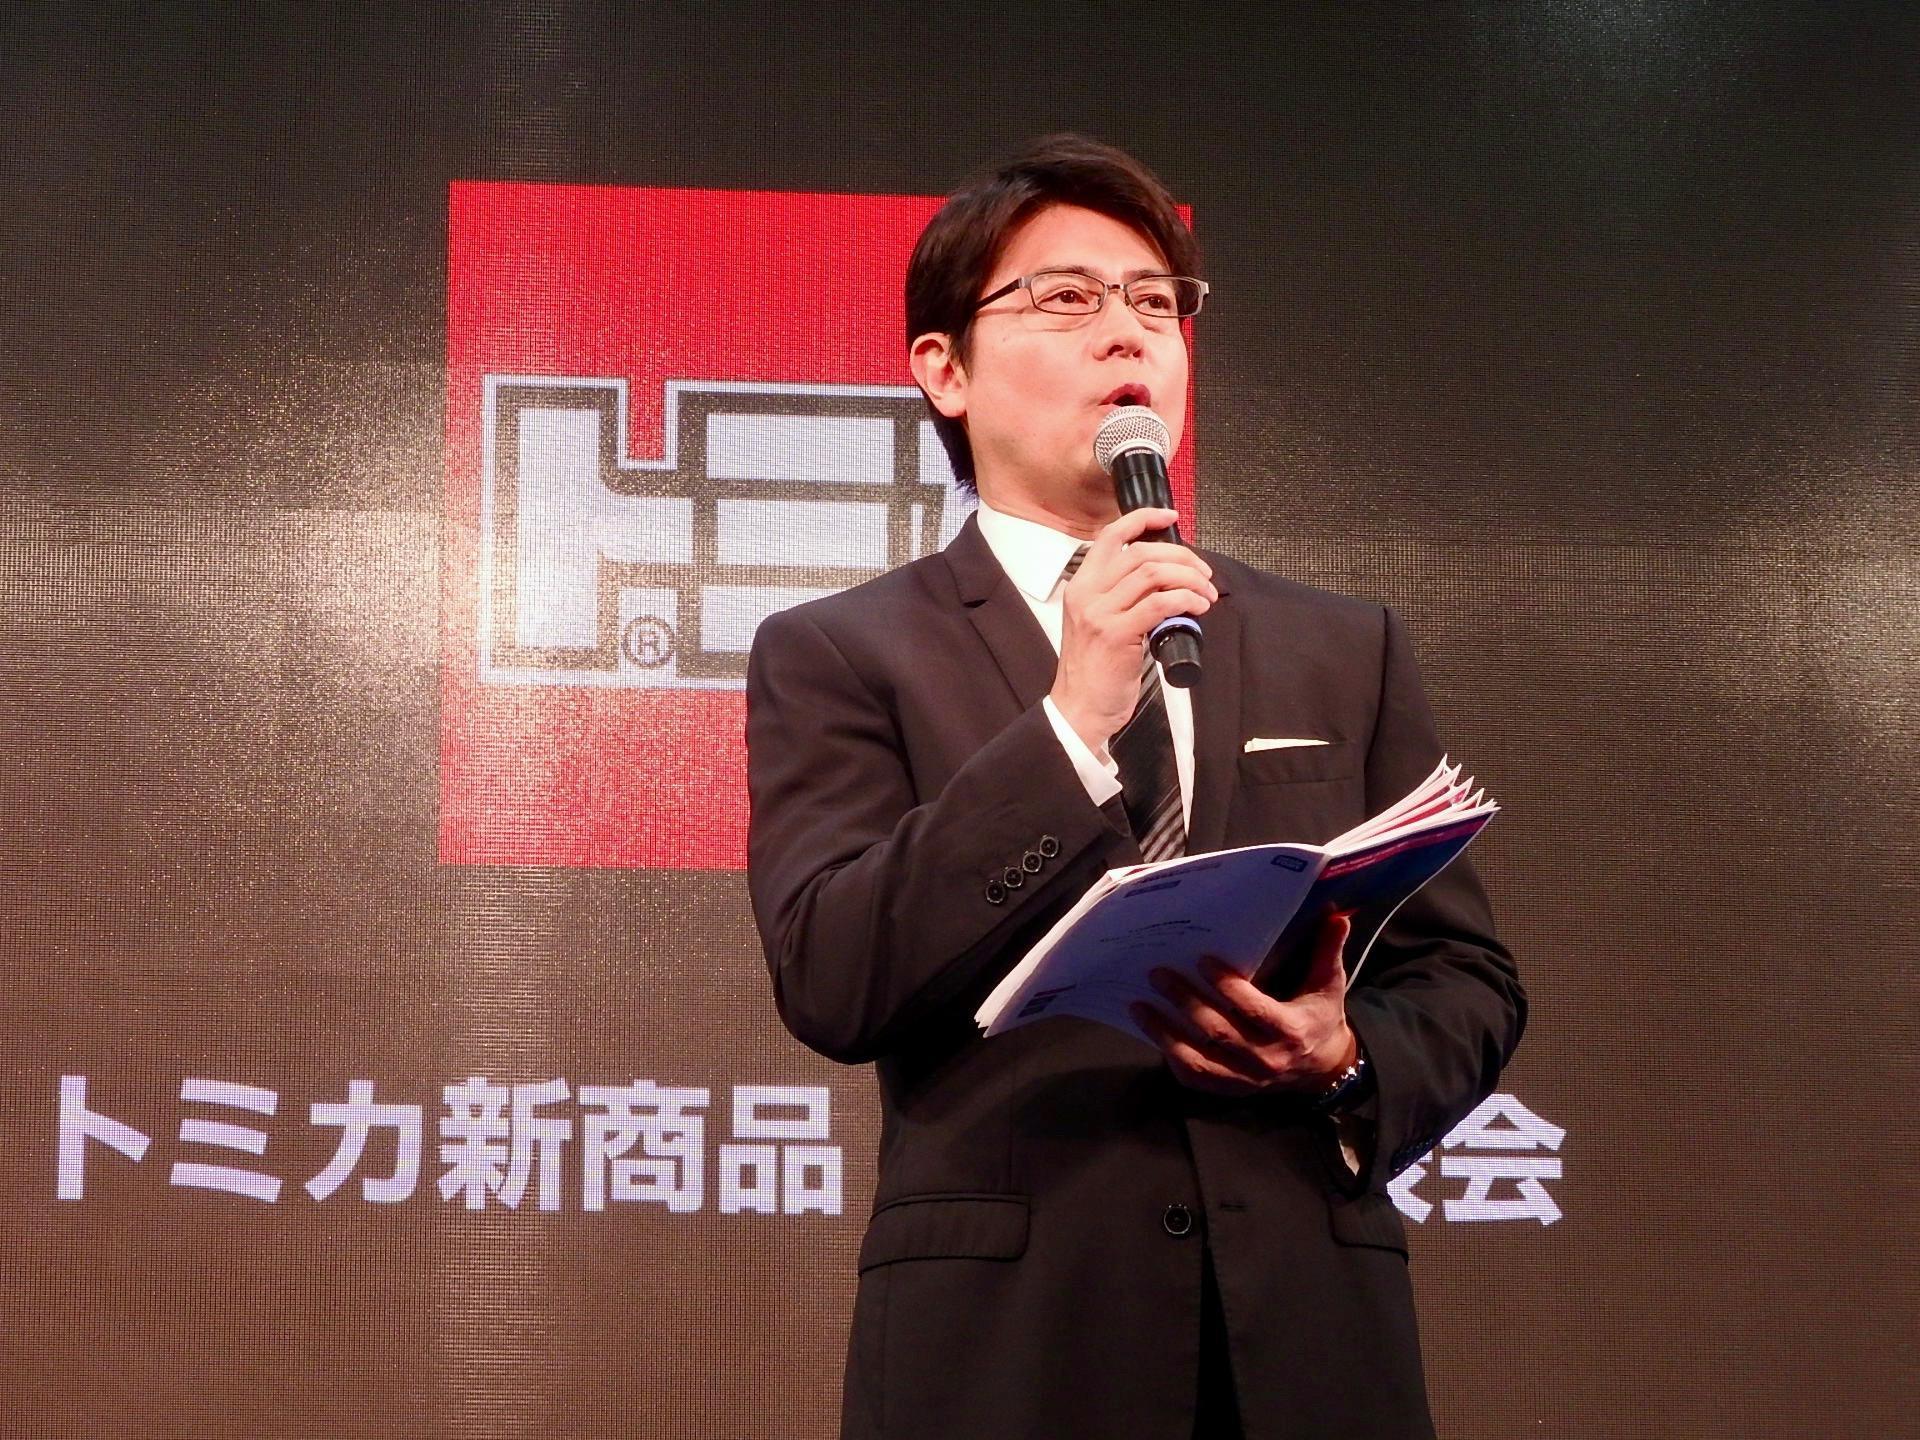 http://news.yoshimoto.co.jp/20180608075559-2744650f3b02f44774aed6226e6fc19f0c8547ef.jpg